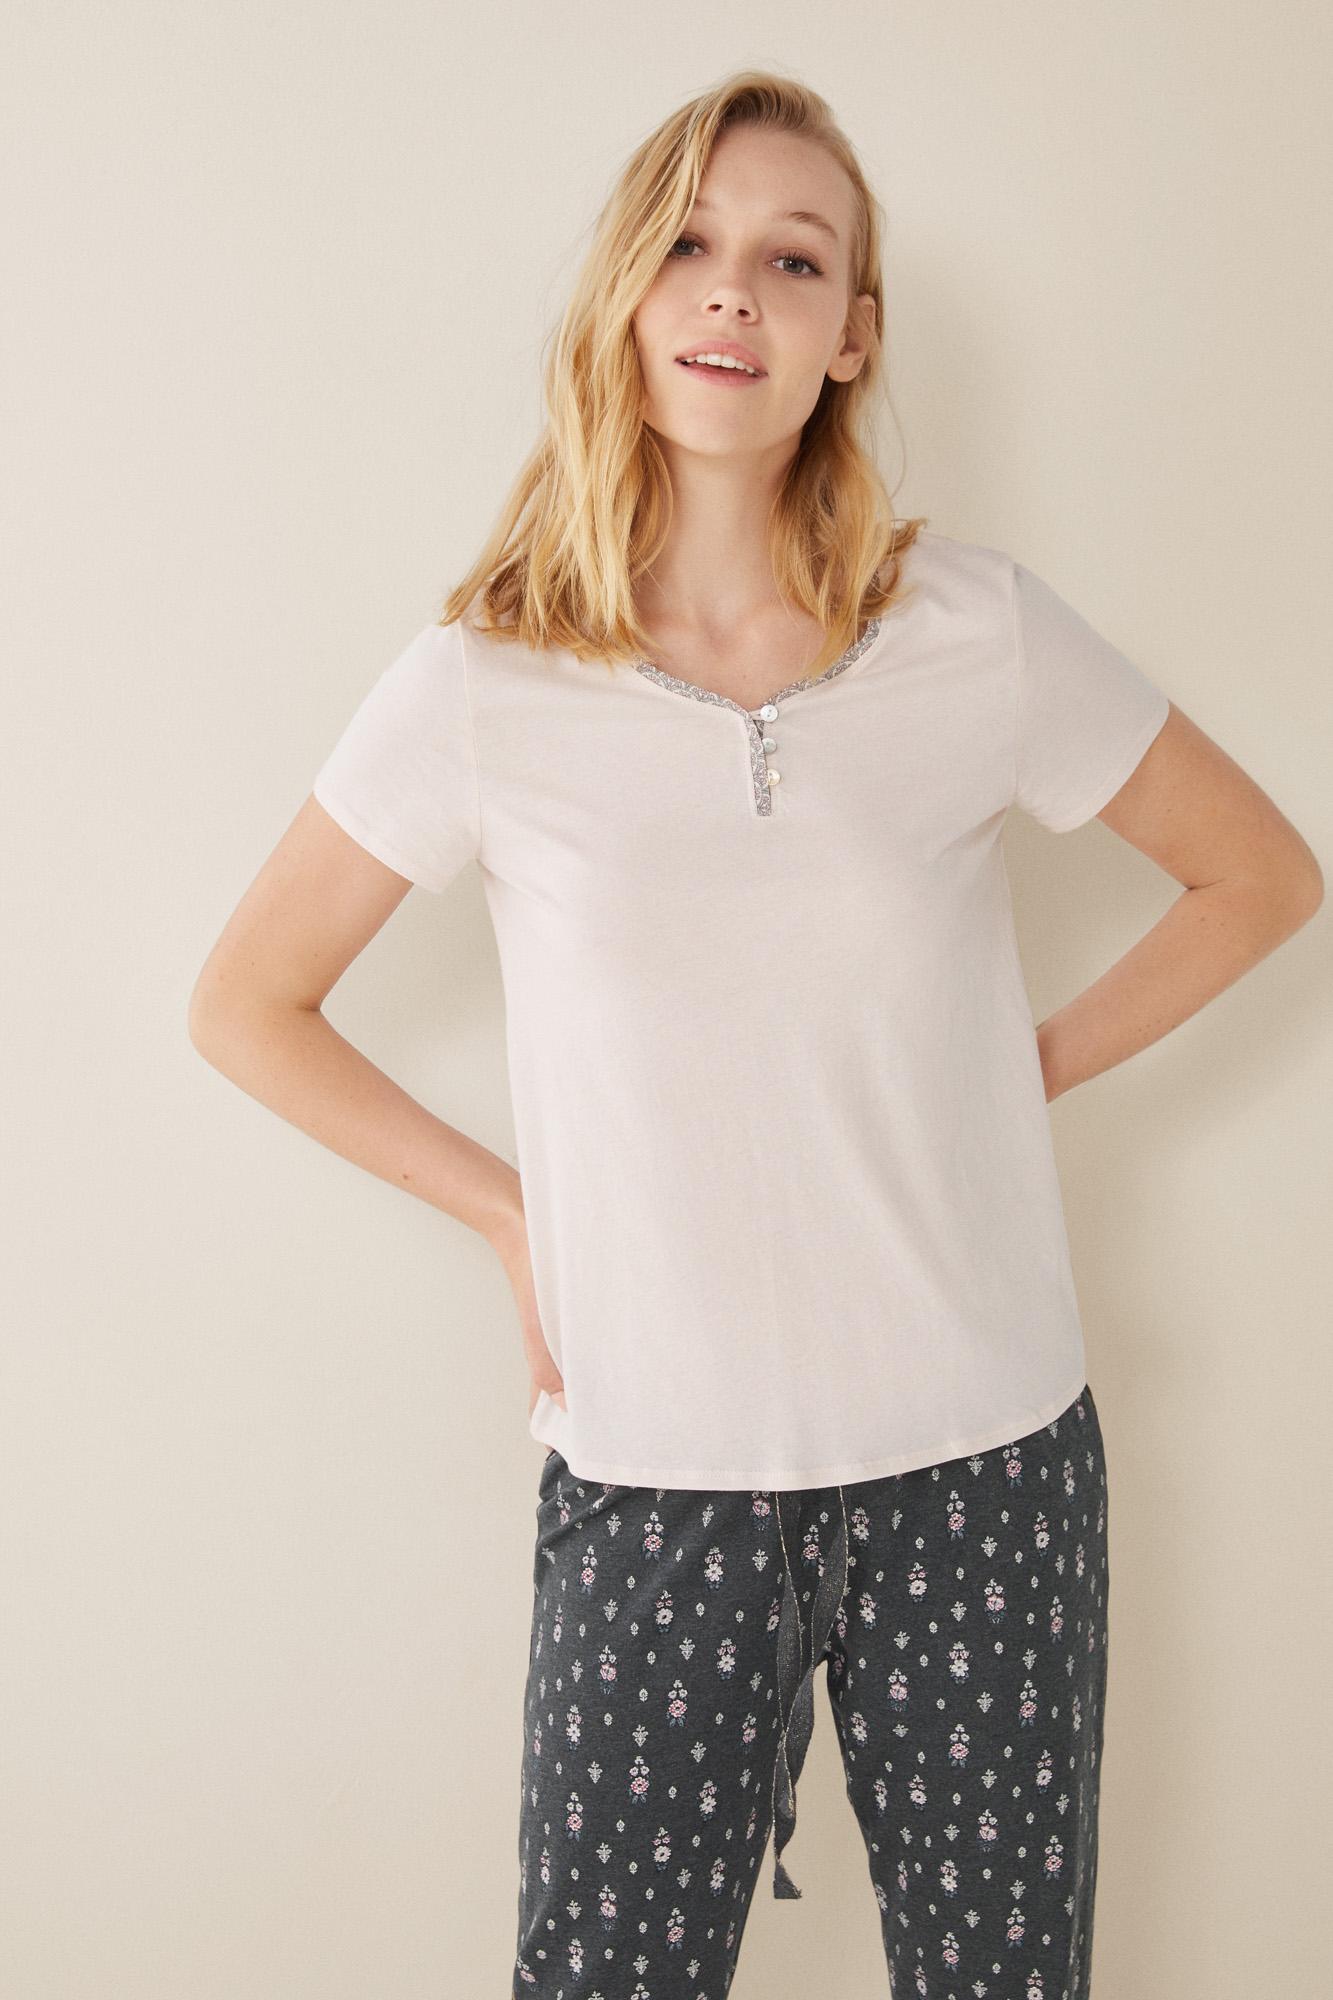 Camiseta manga corta   Camisetas   Women'secret